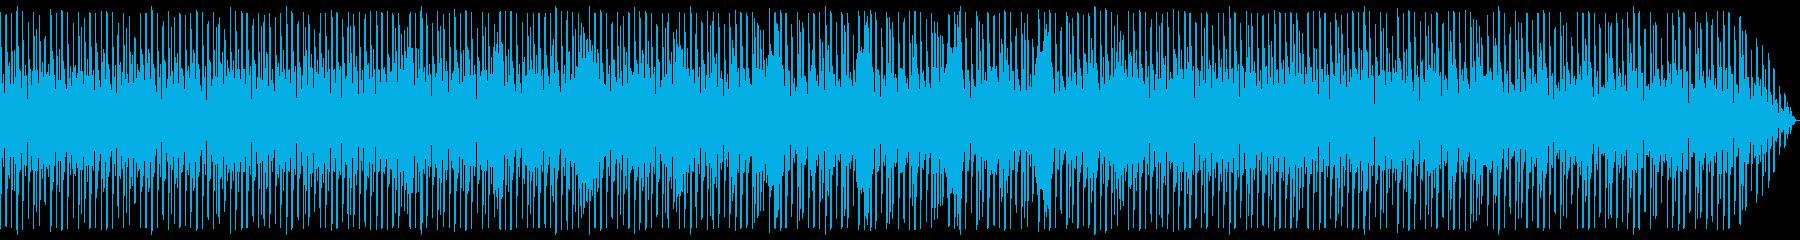 ロービットなあれた感じのテクノの再生済みの波形